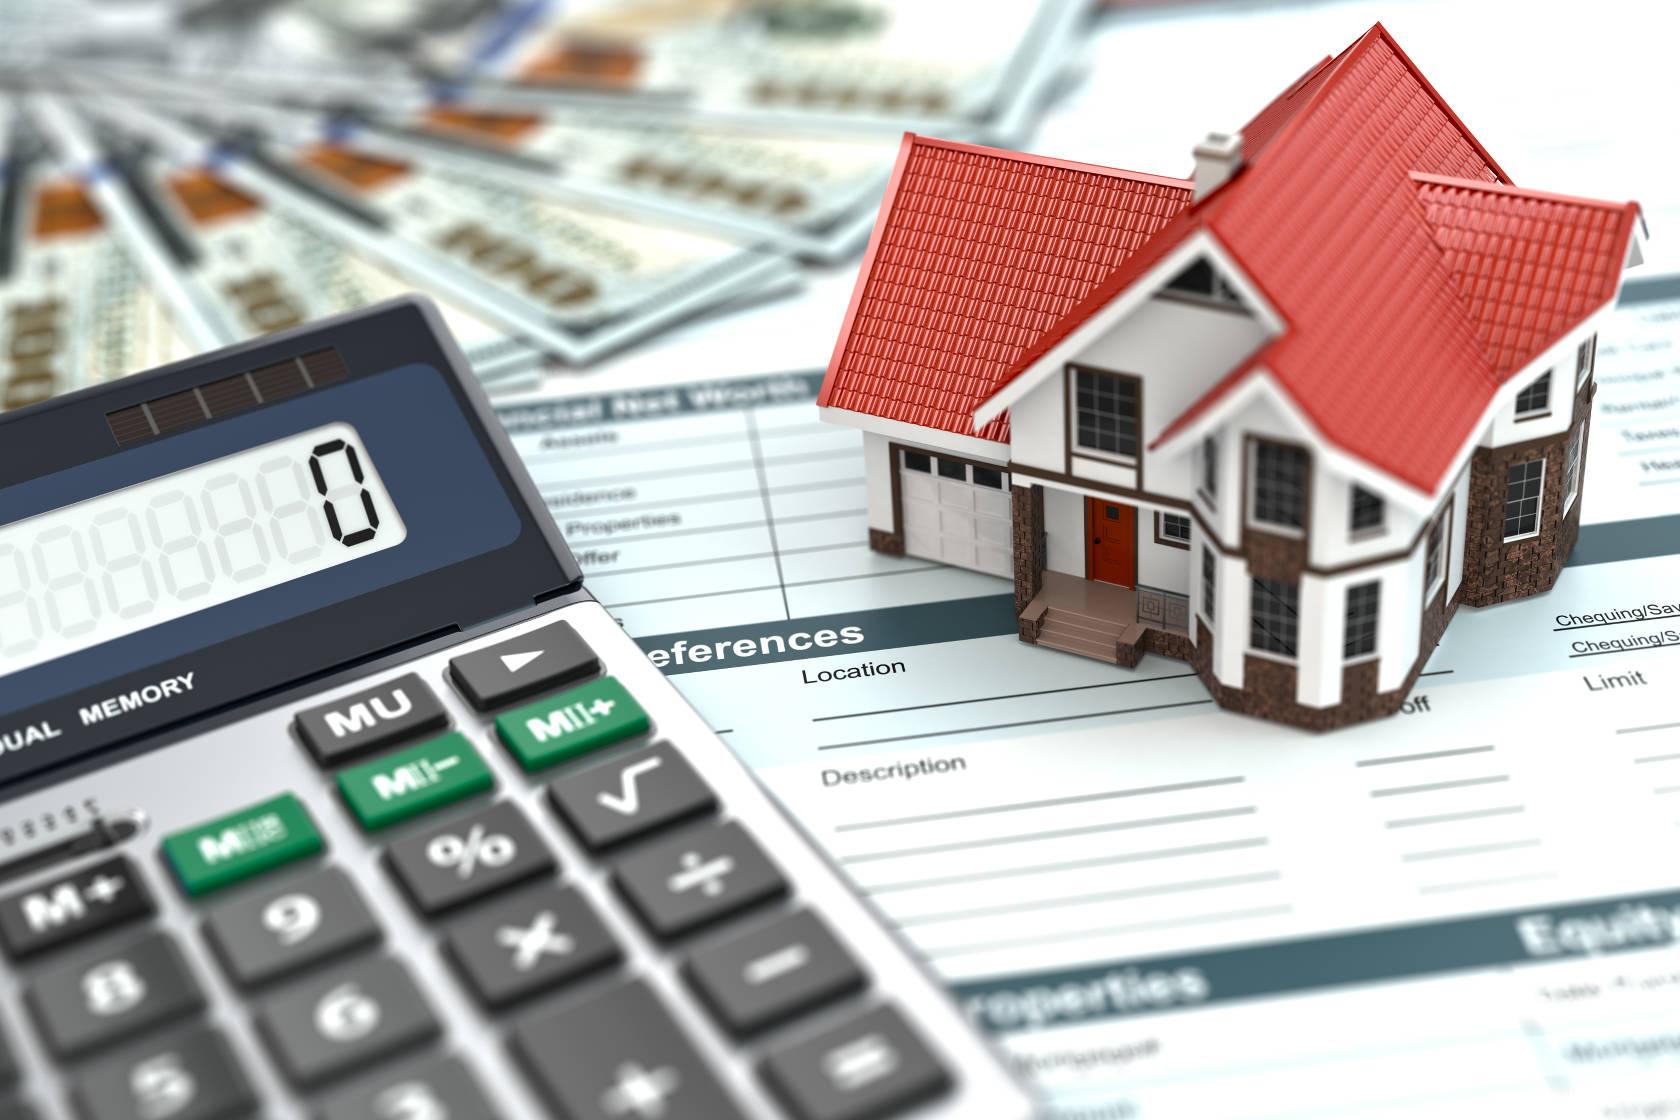 No más cláusulas suelo, reclame ya la devolución de los intereses indebidamente abonados a su banco por su hipoteca